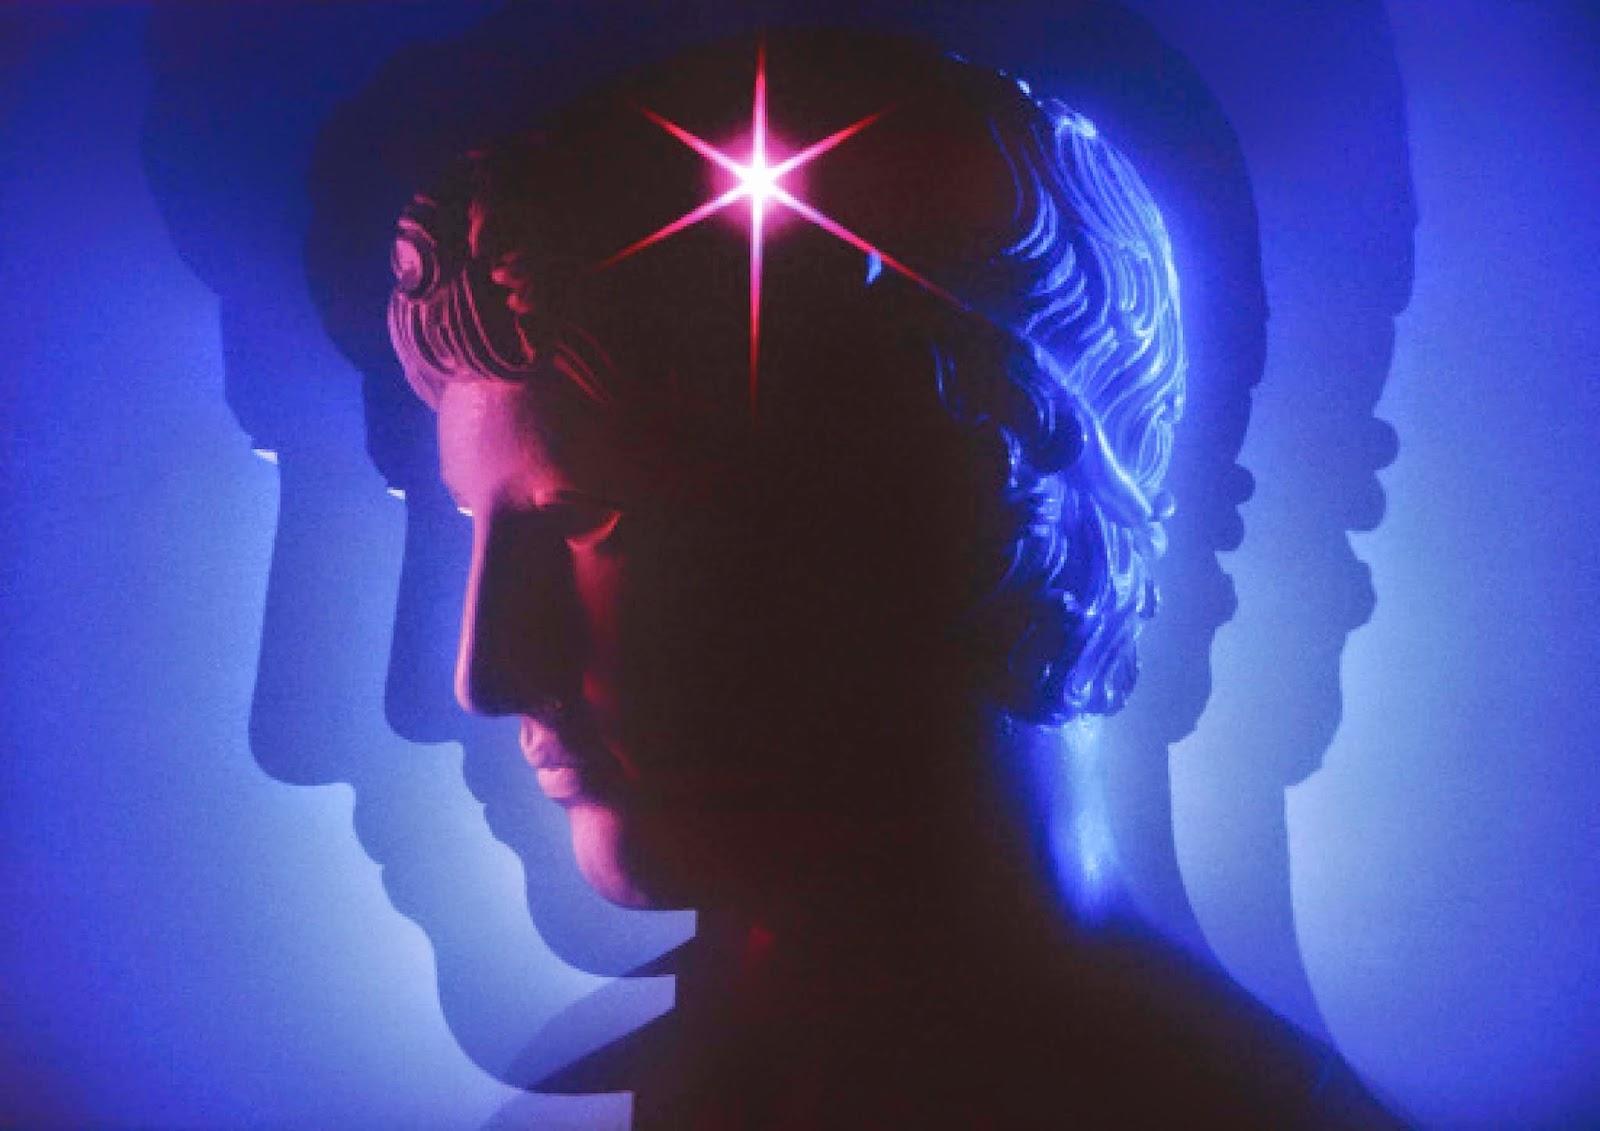 Creierul uman si campurile energetice